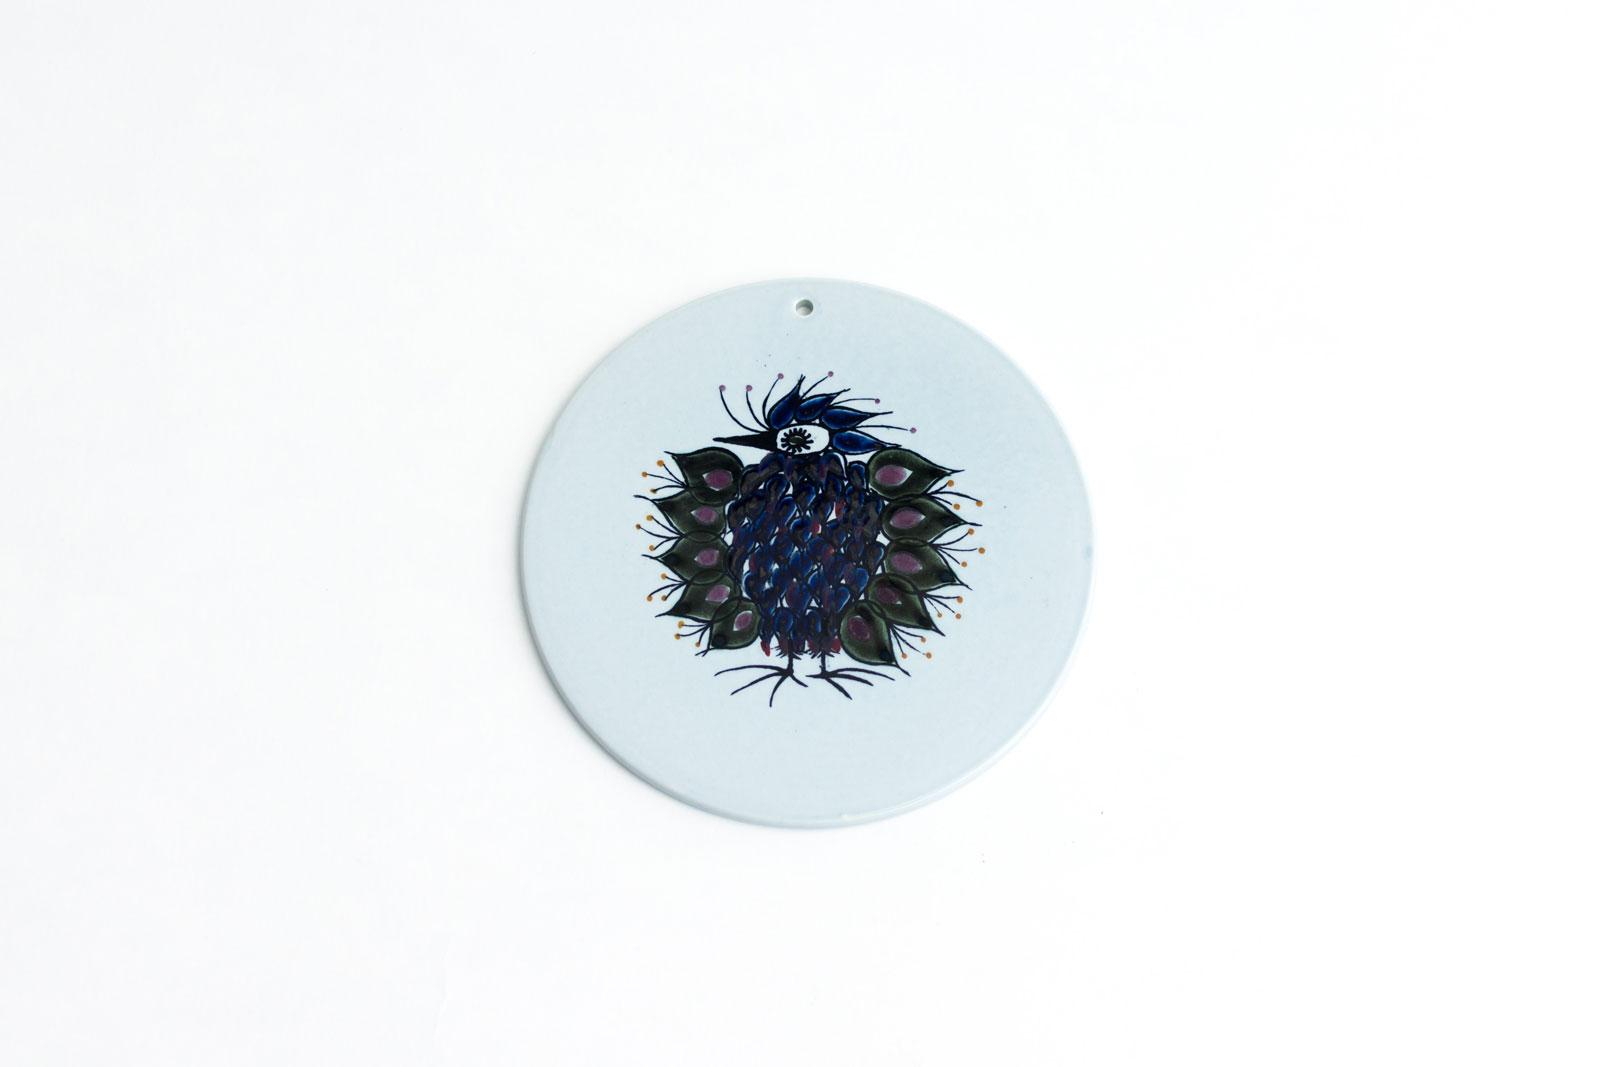 Plate designed by Beth Breyen